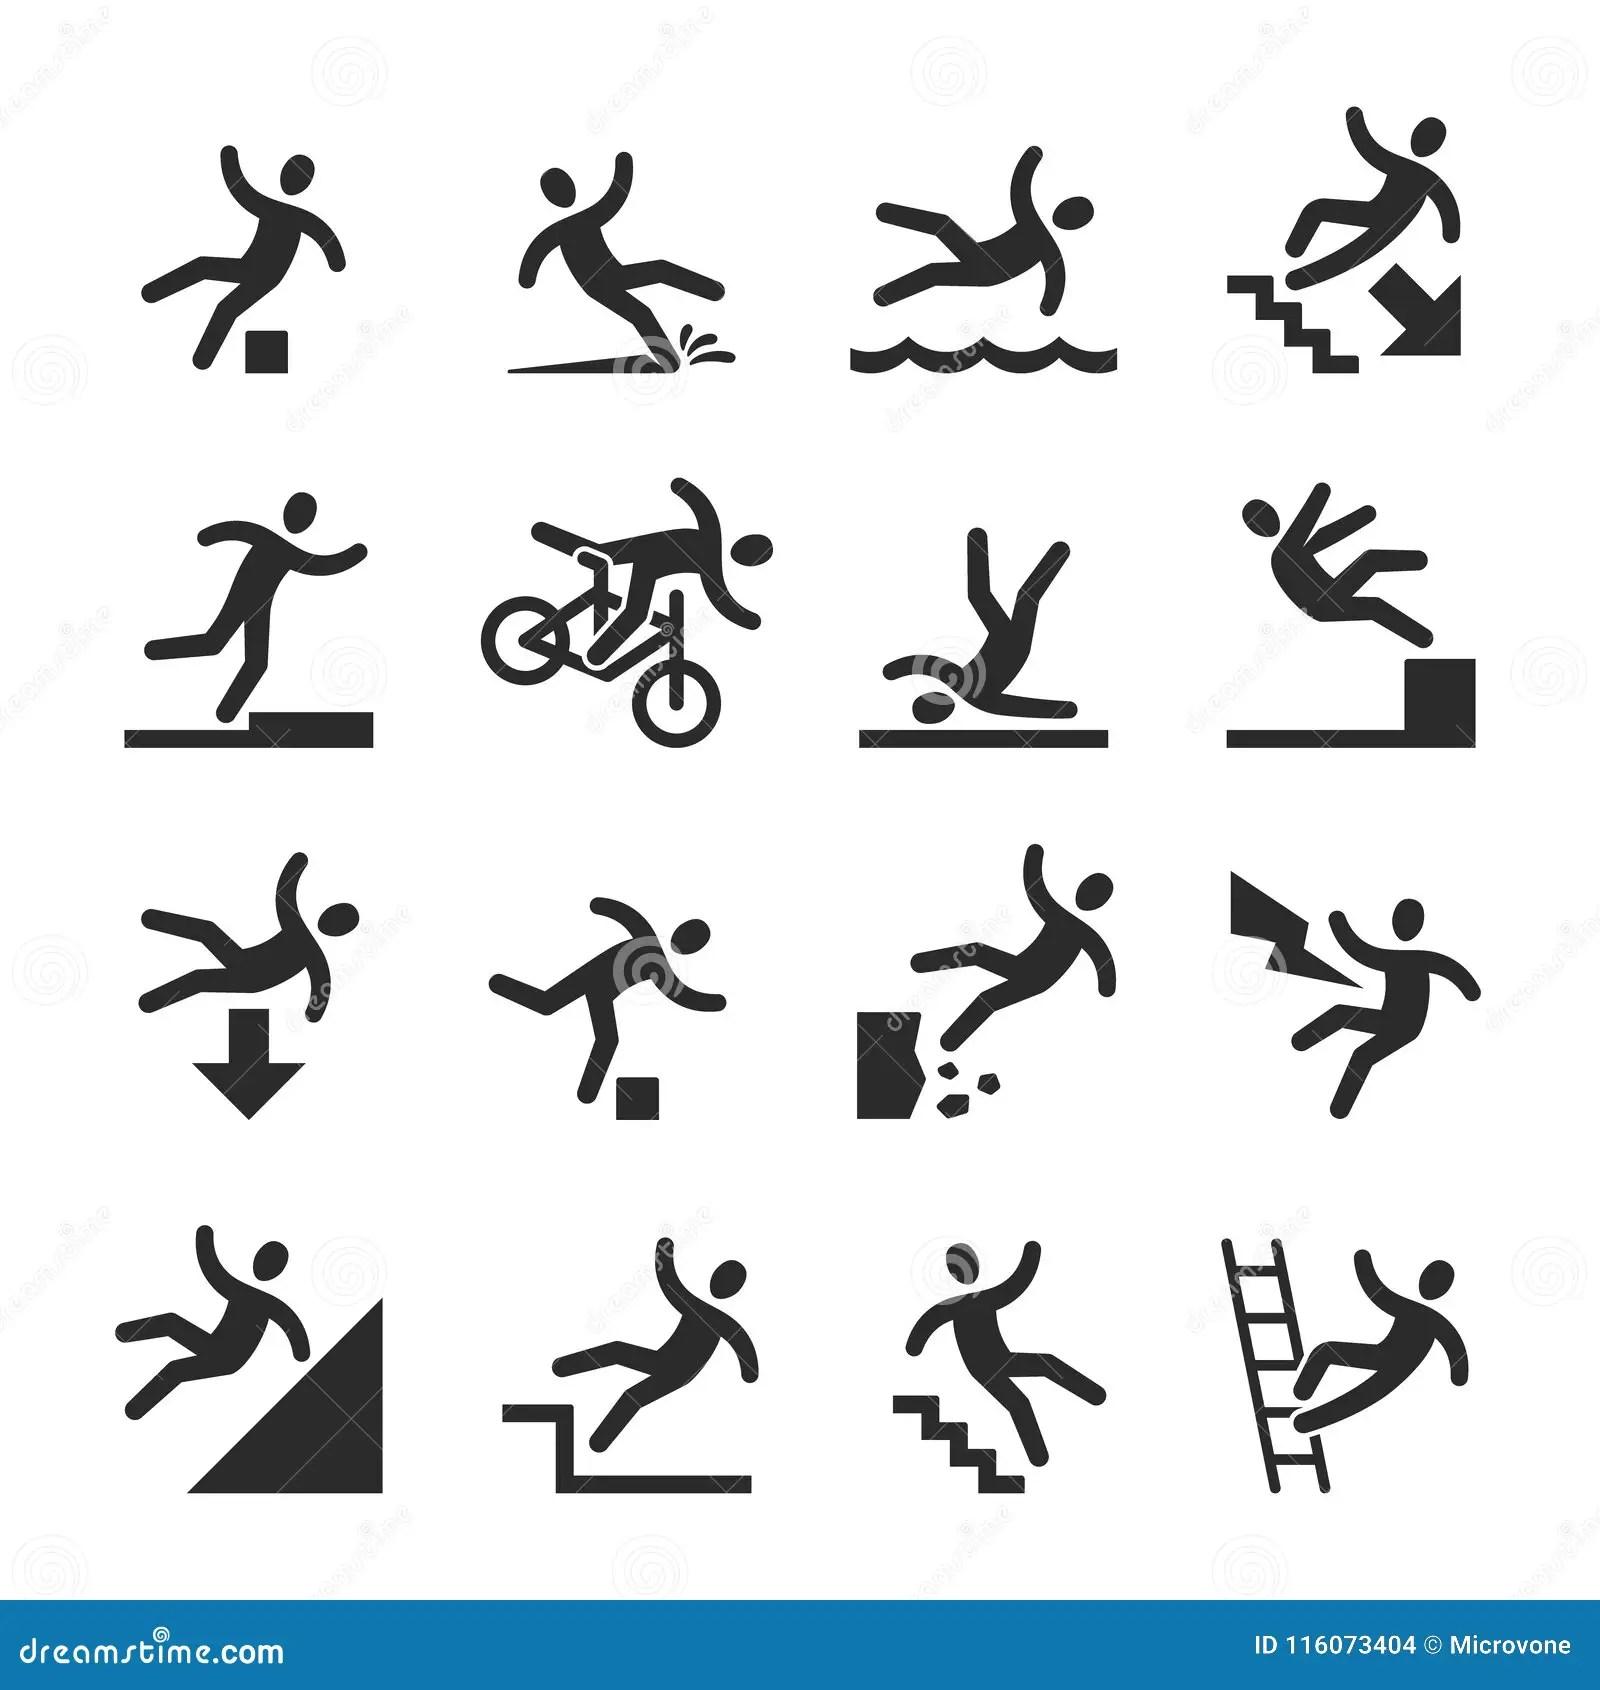 Stick Figure Man Falling Beware Hazard Warning Symbols